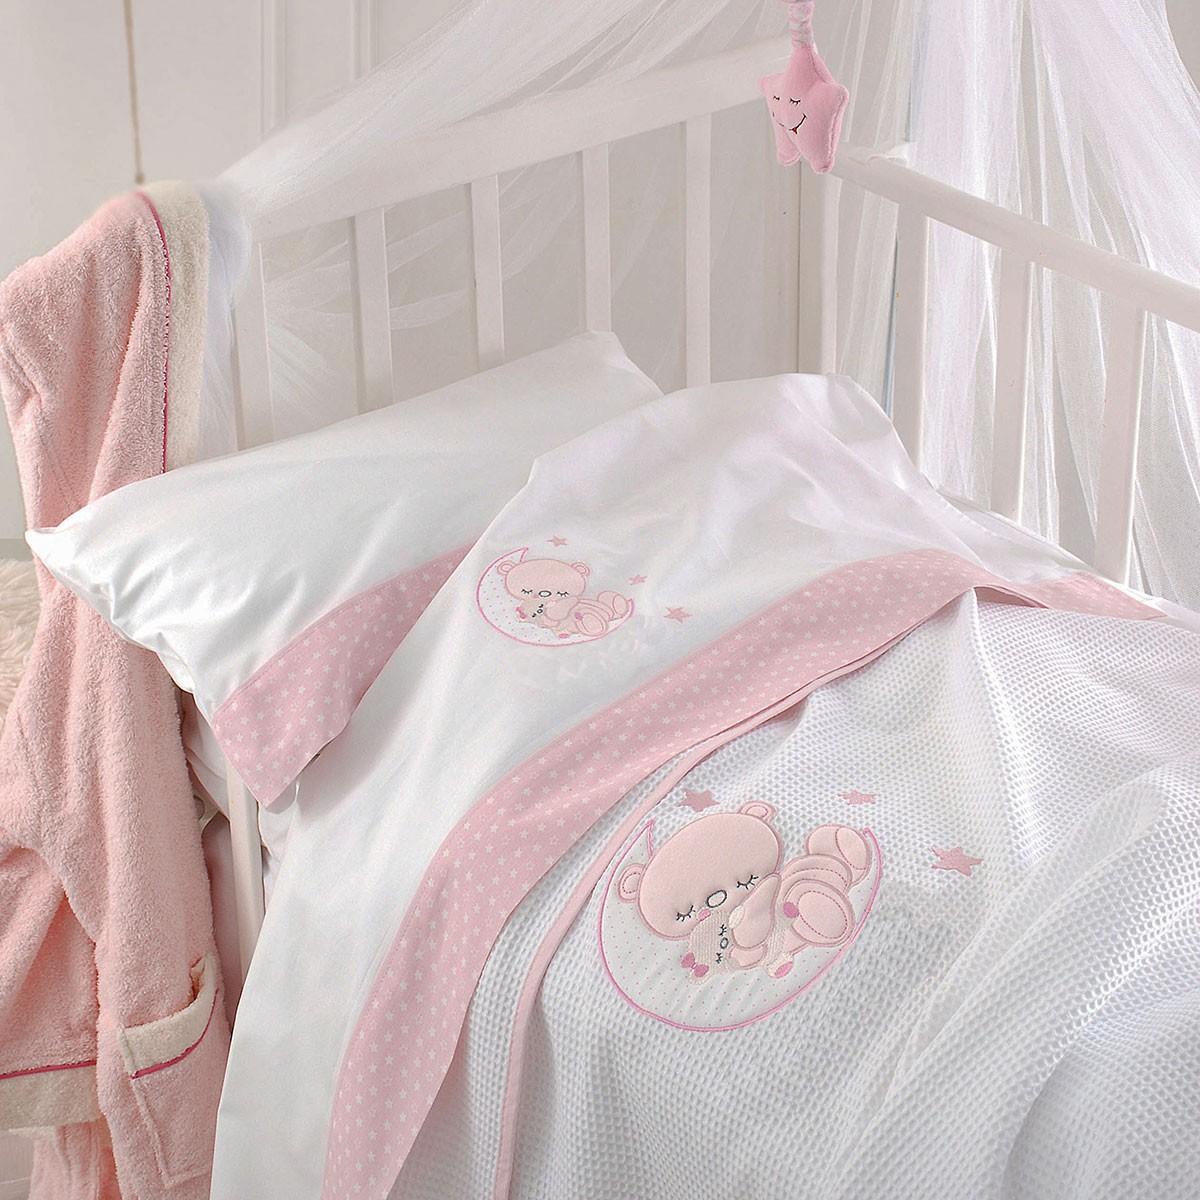 Σεντόνια Κούνιας (Σετ) Rythmos Moon Pink